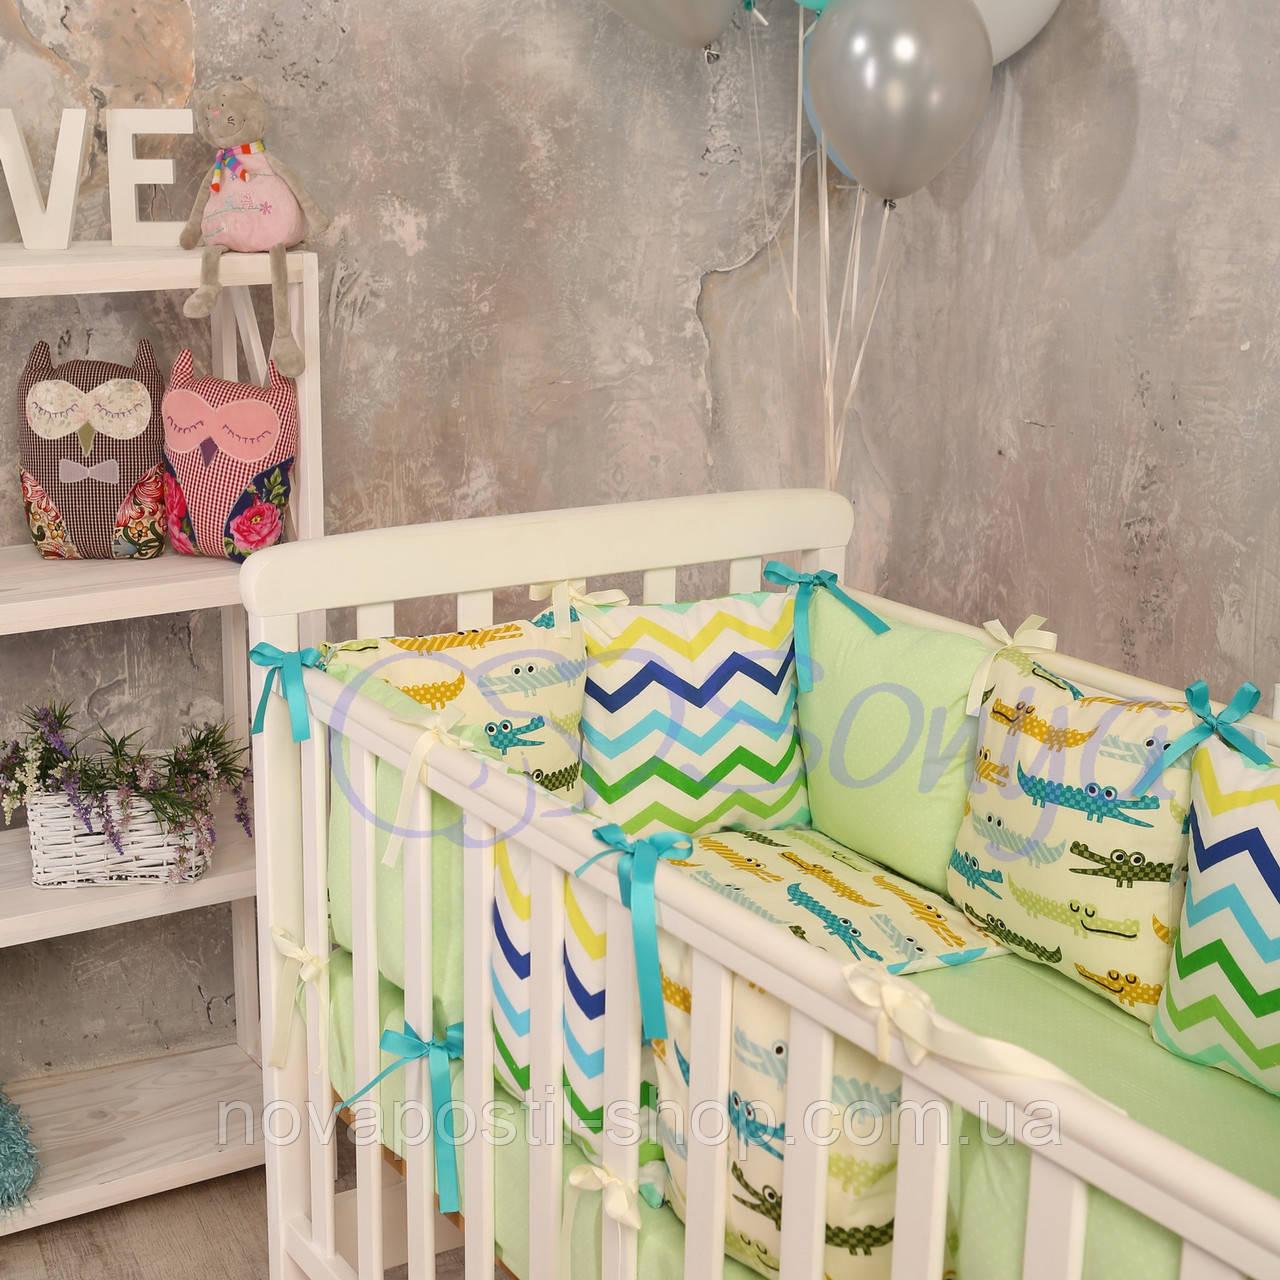 Набор в детскую кроватку Baby Design с крокодилами (6 предметов)